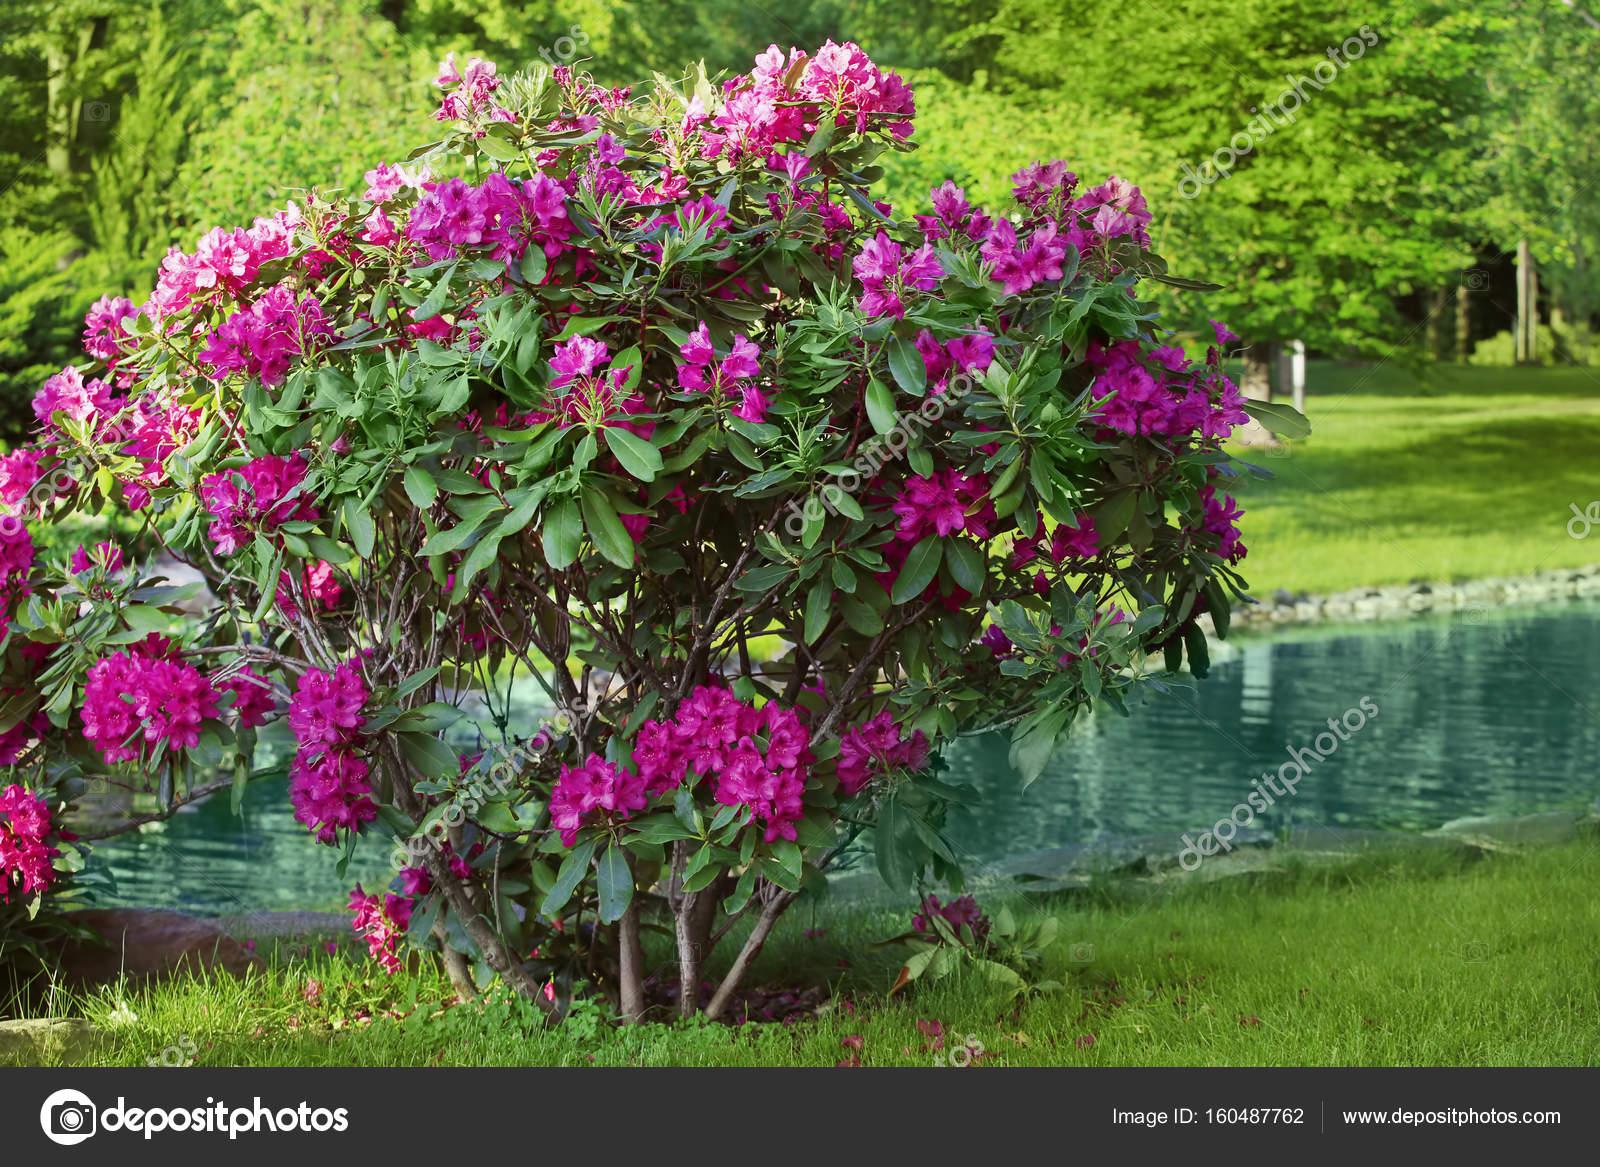 Fotos flores arbustos arbusto flor de flores del jard n - Arbustos perennes con flor ...